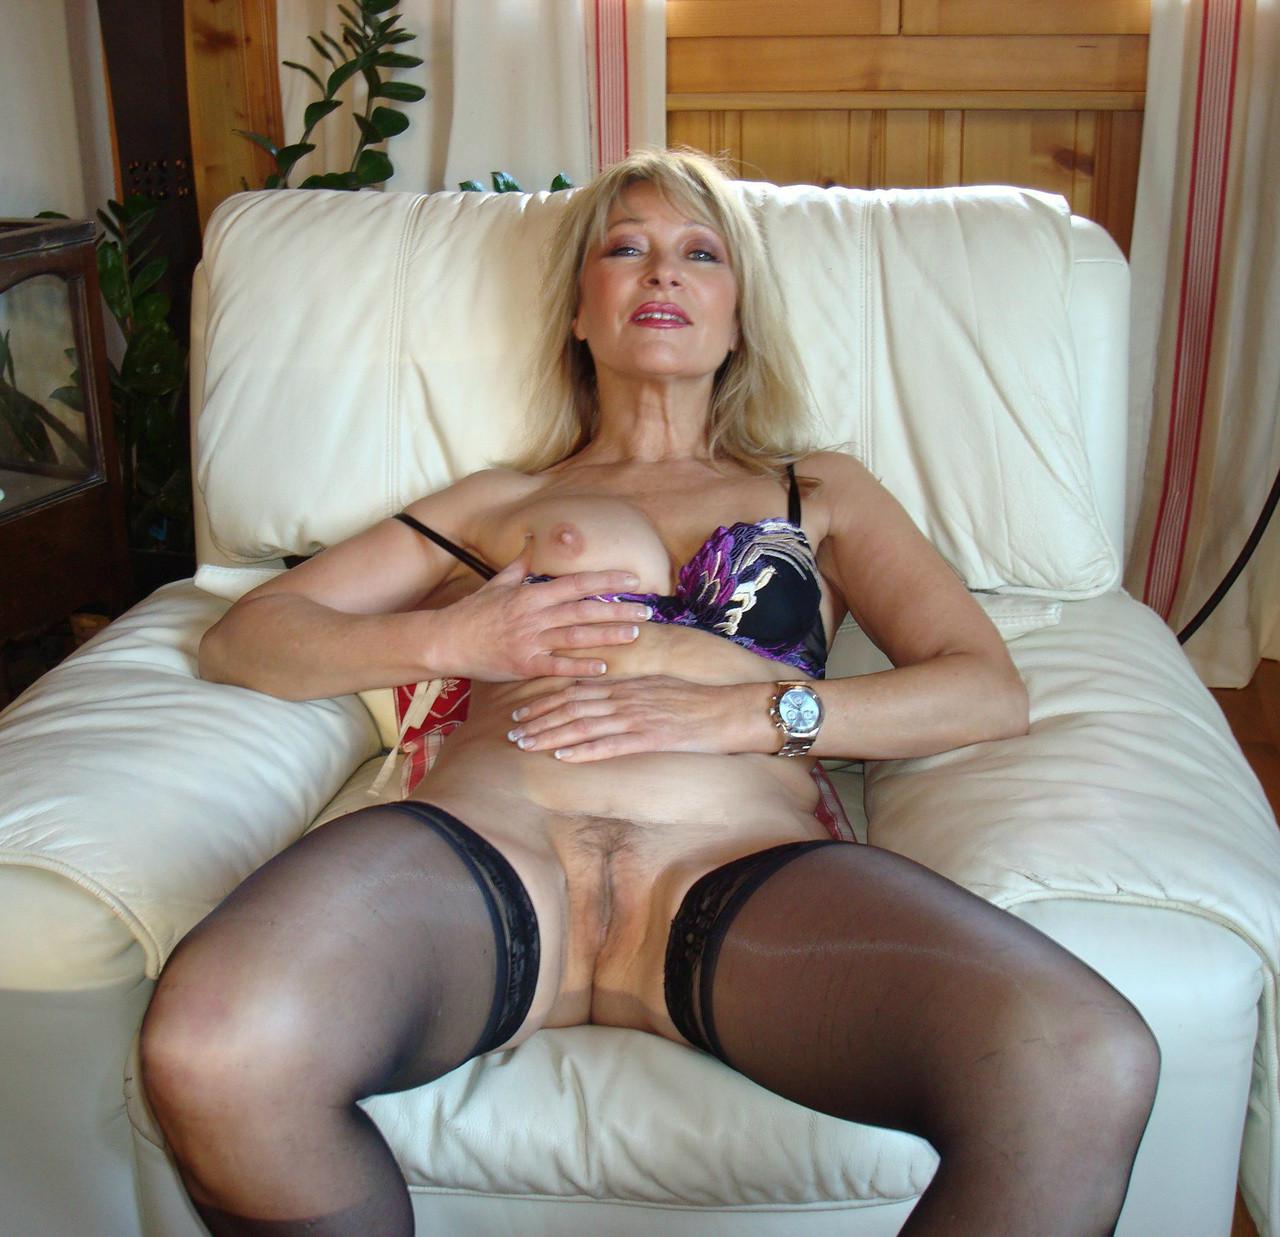 секс видео красивых пожилых женщин в домашнем белье - 2